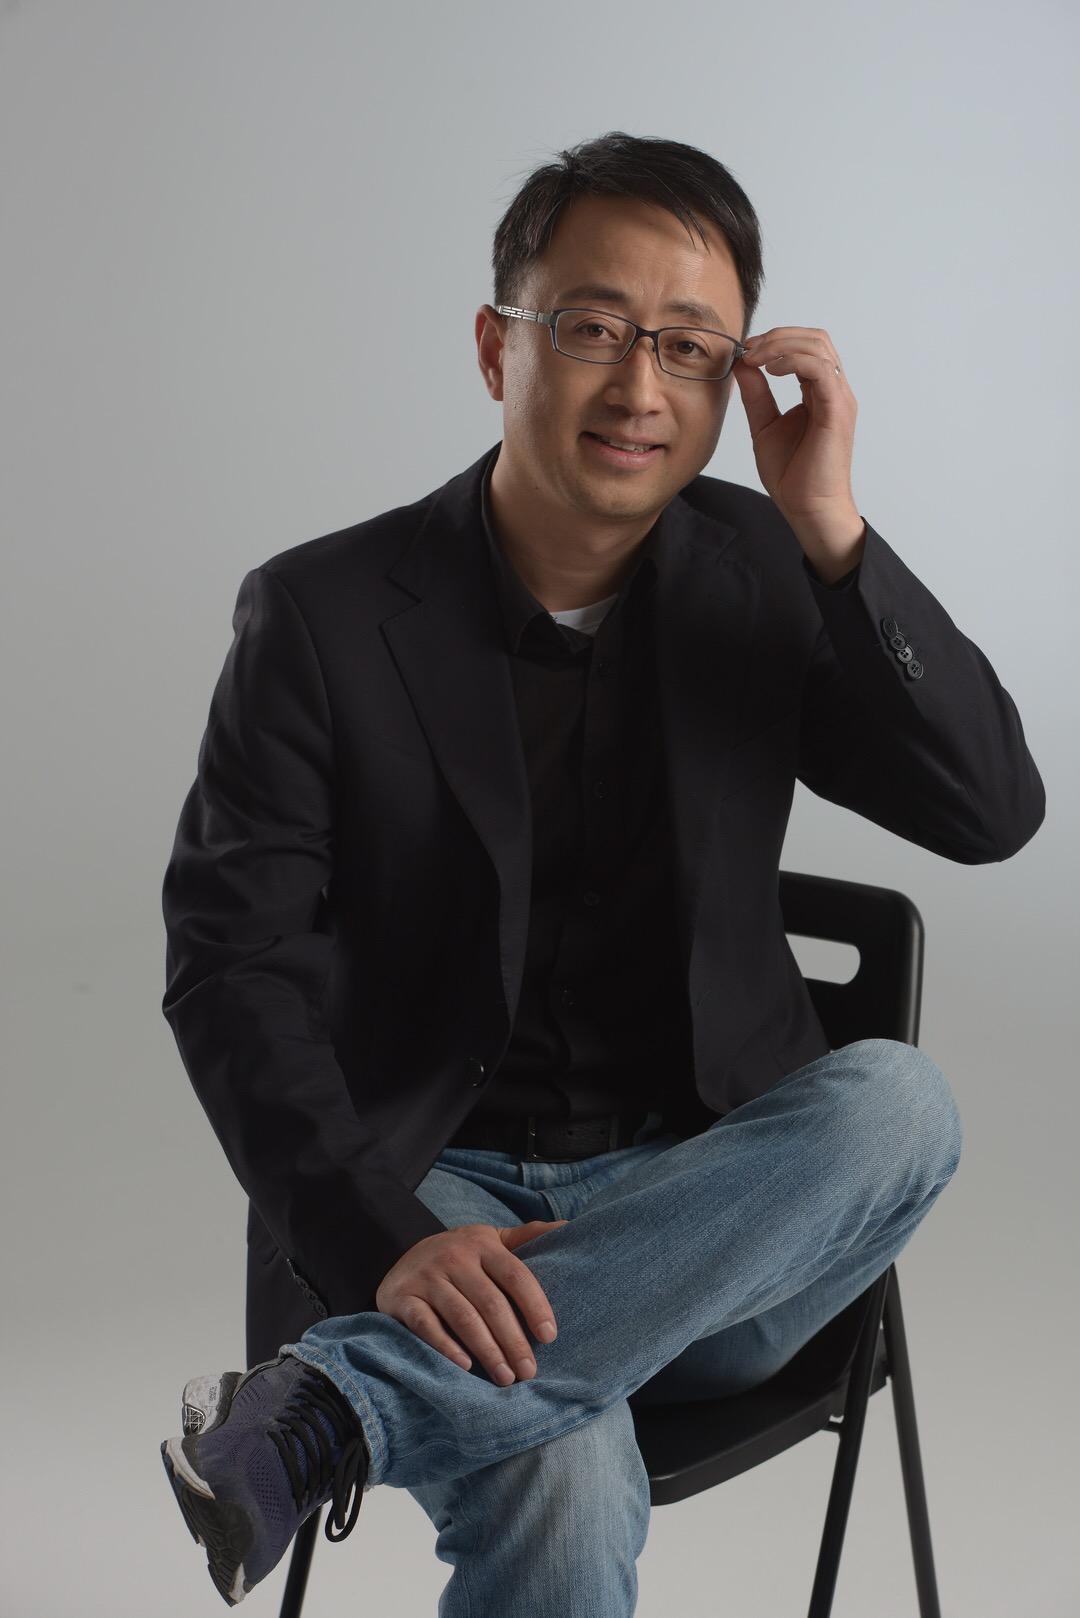 黑鲨科技联合创始人、高级副总裁罗语周